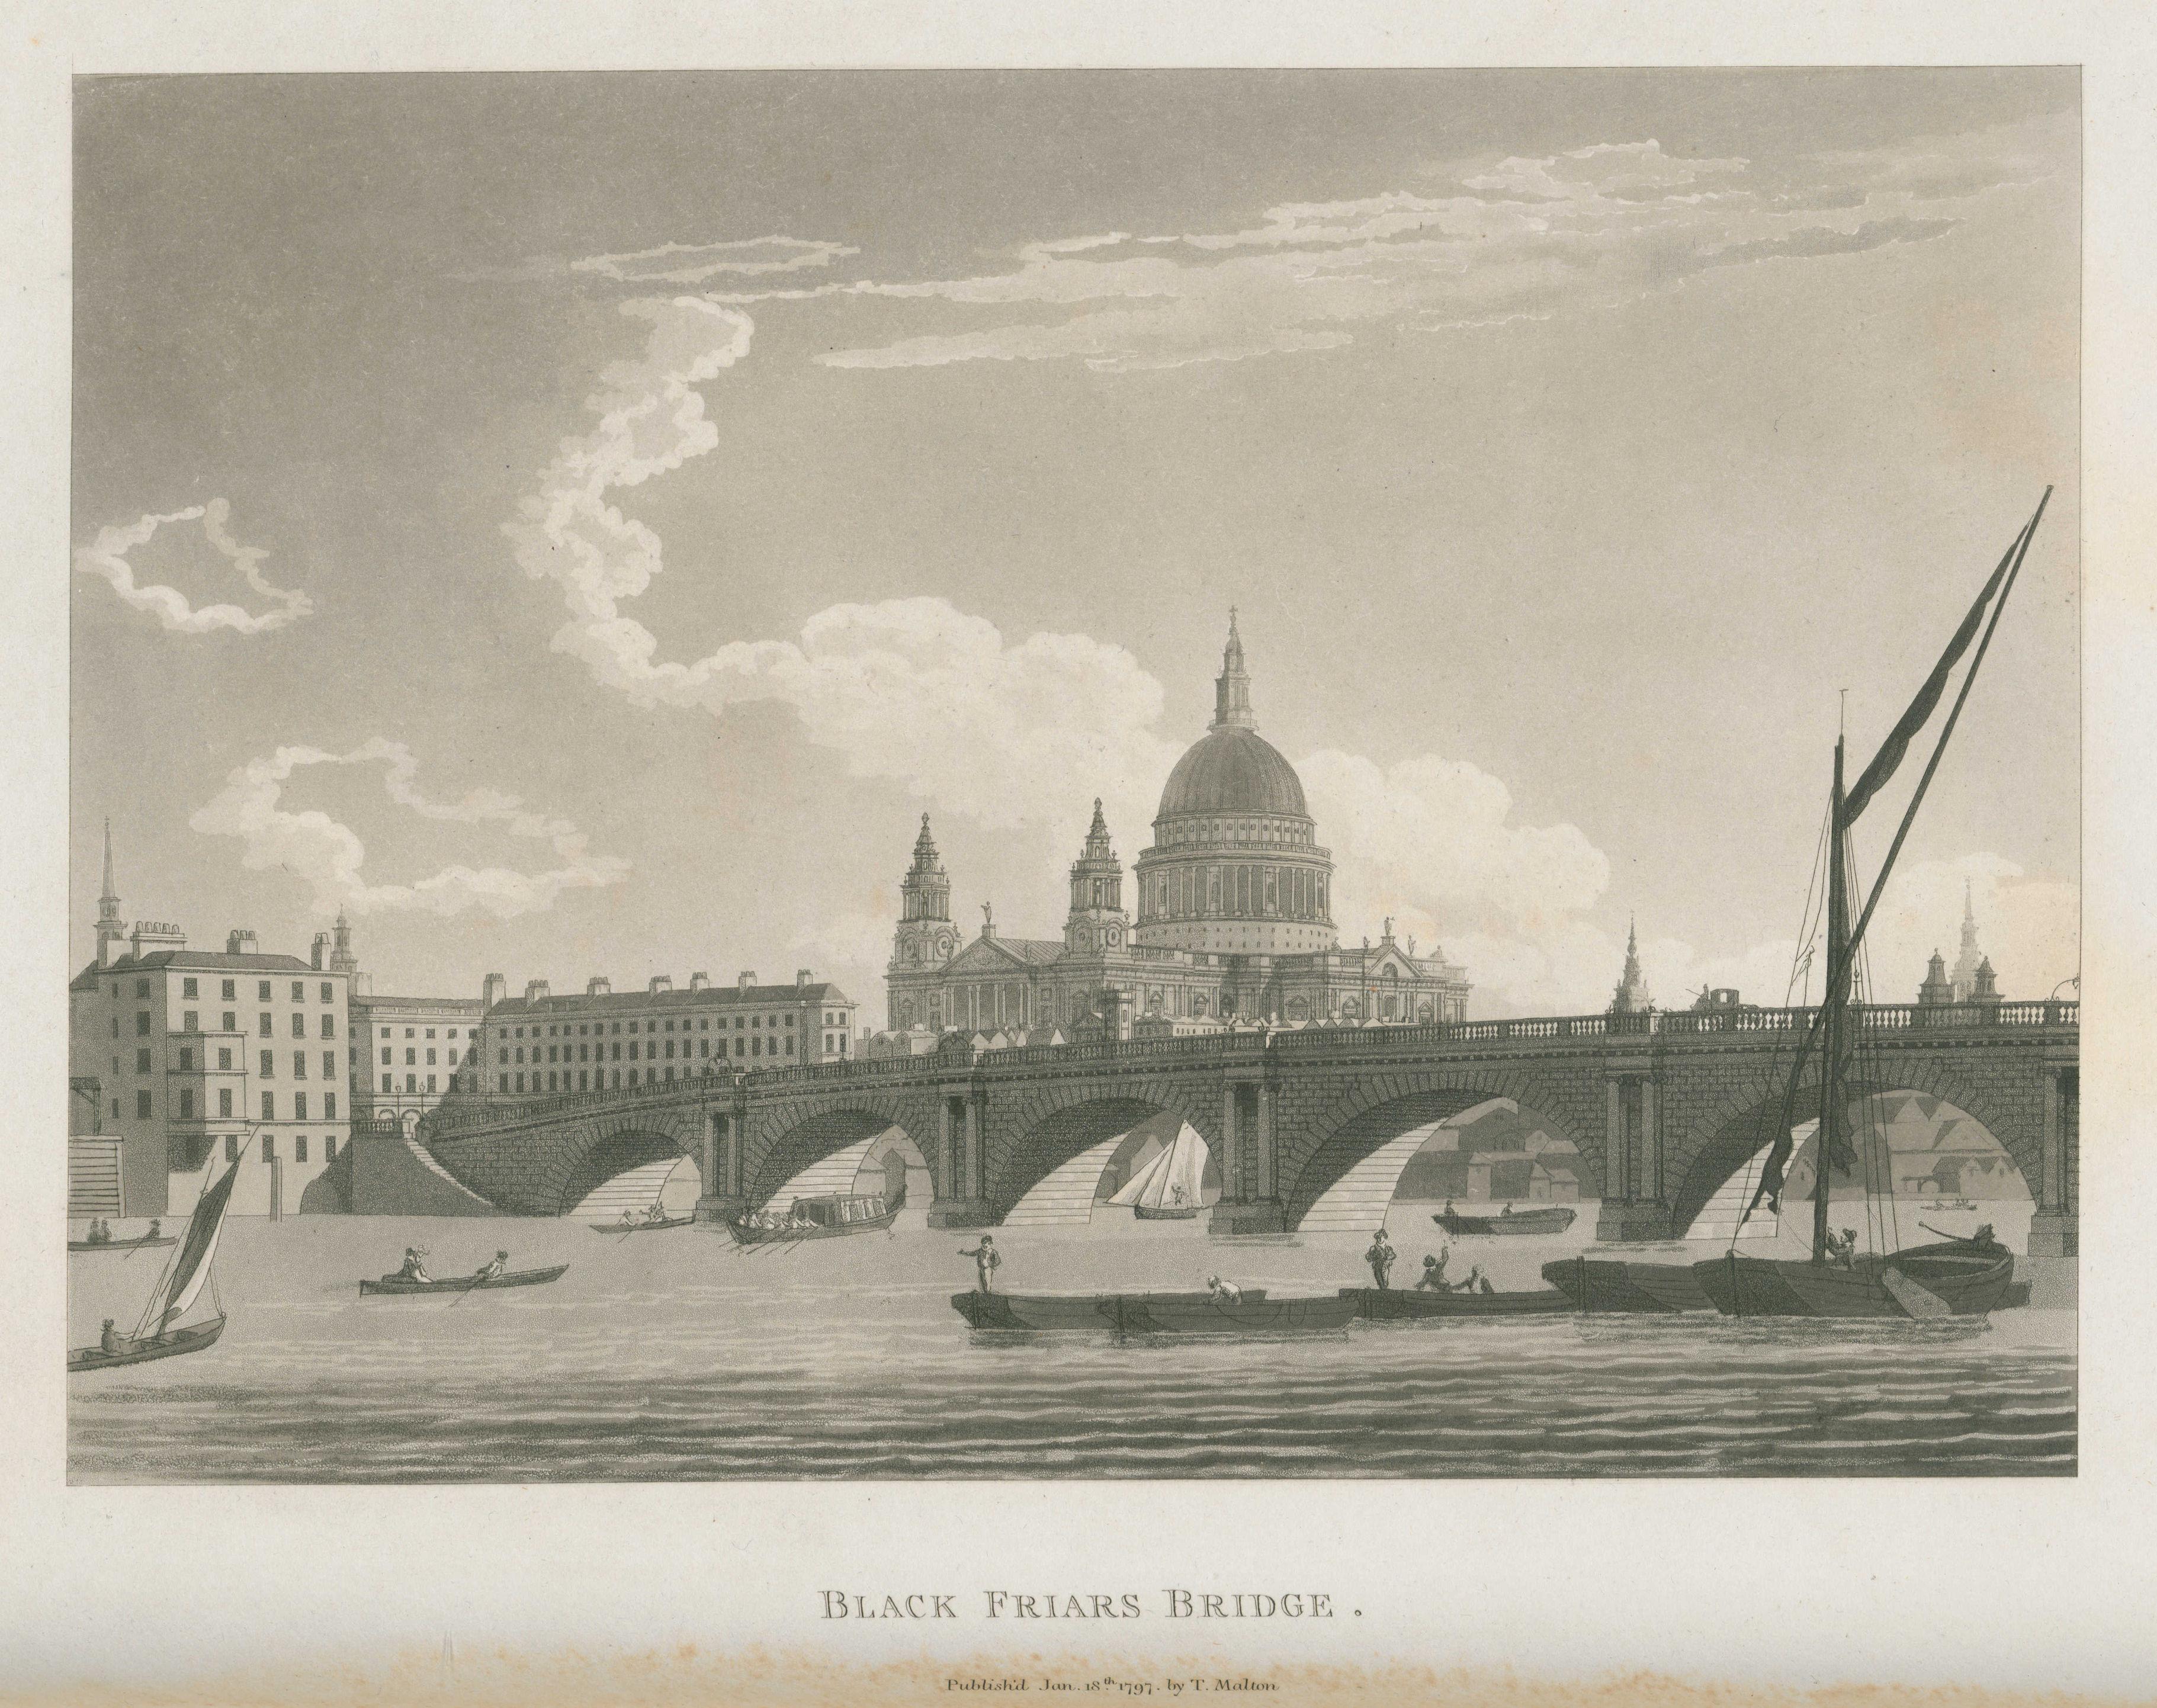 048 - Malton - Black Friars Bridge